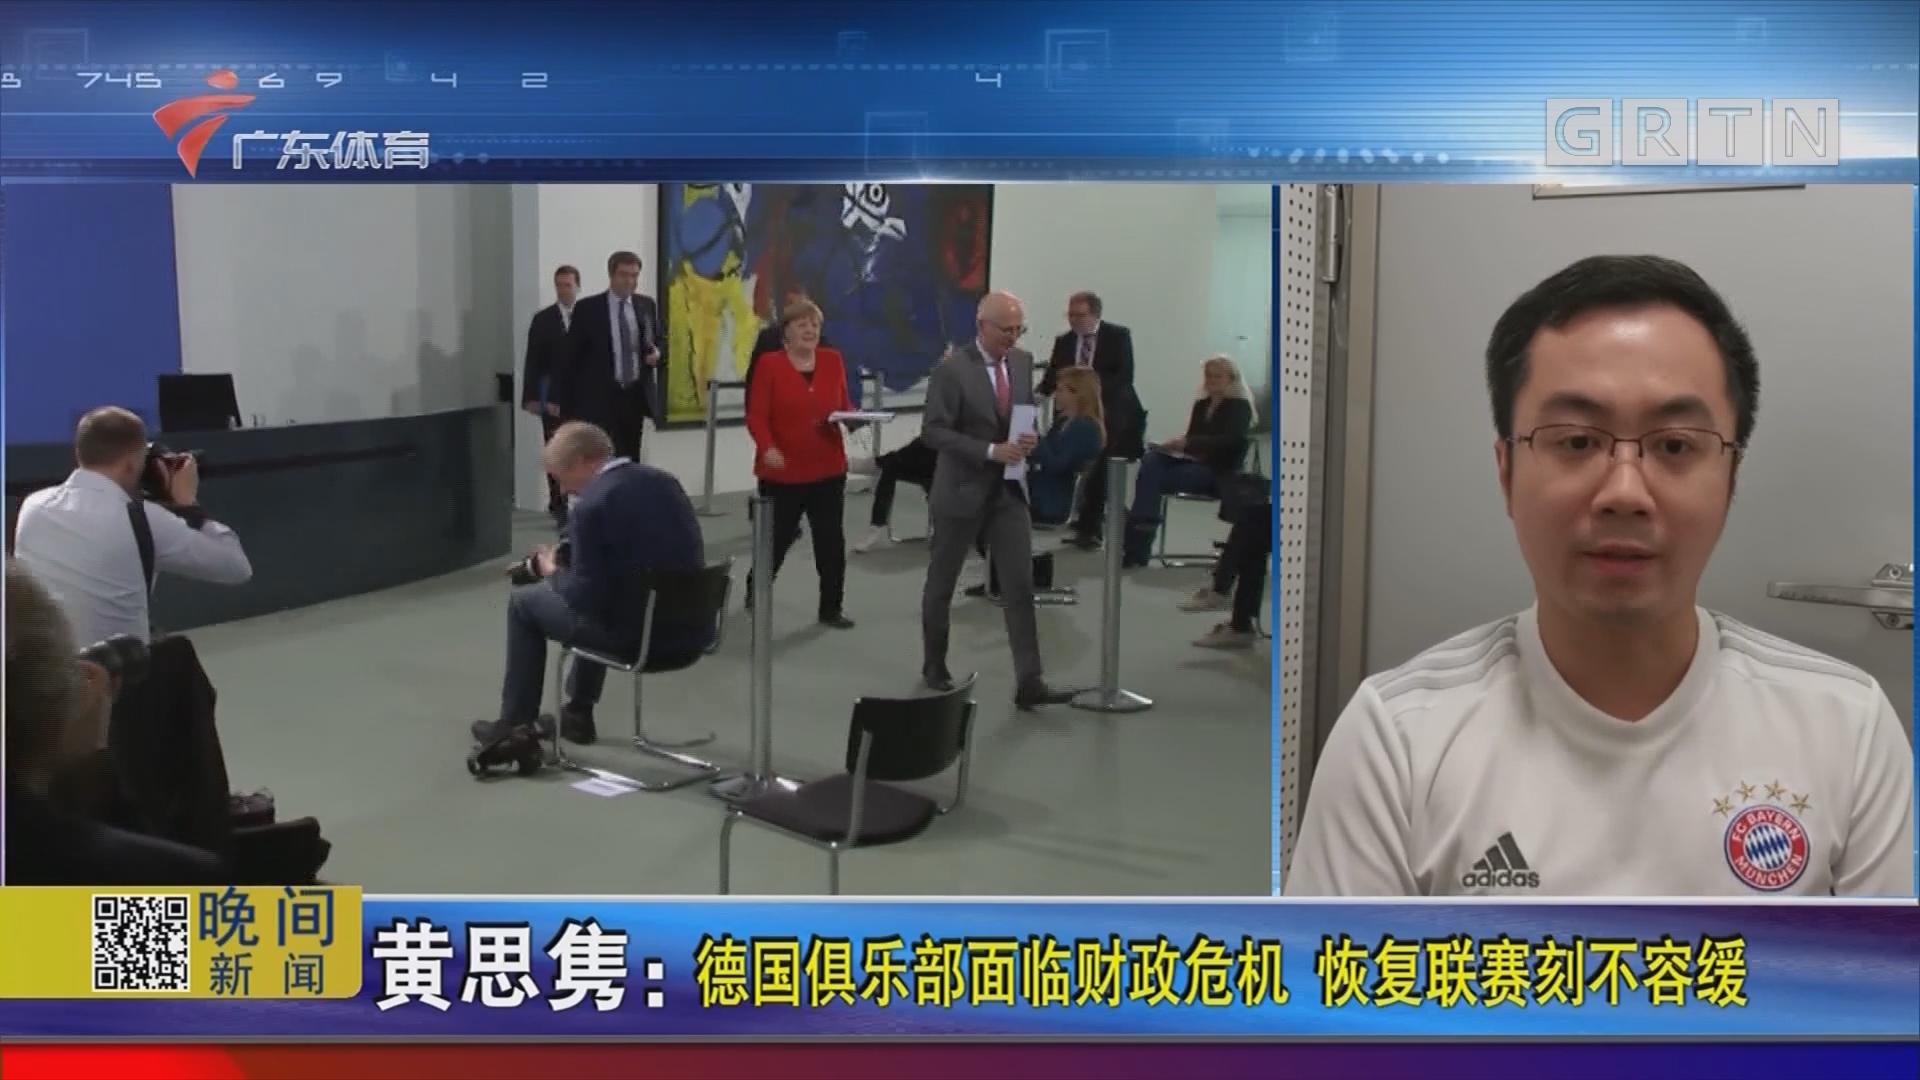 黃思雋:德國俱樂部面臨財政危機 恢復聯賽刻不容緩